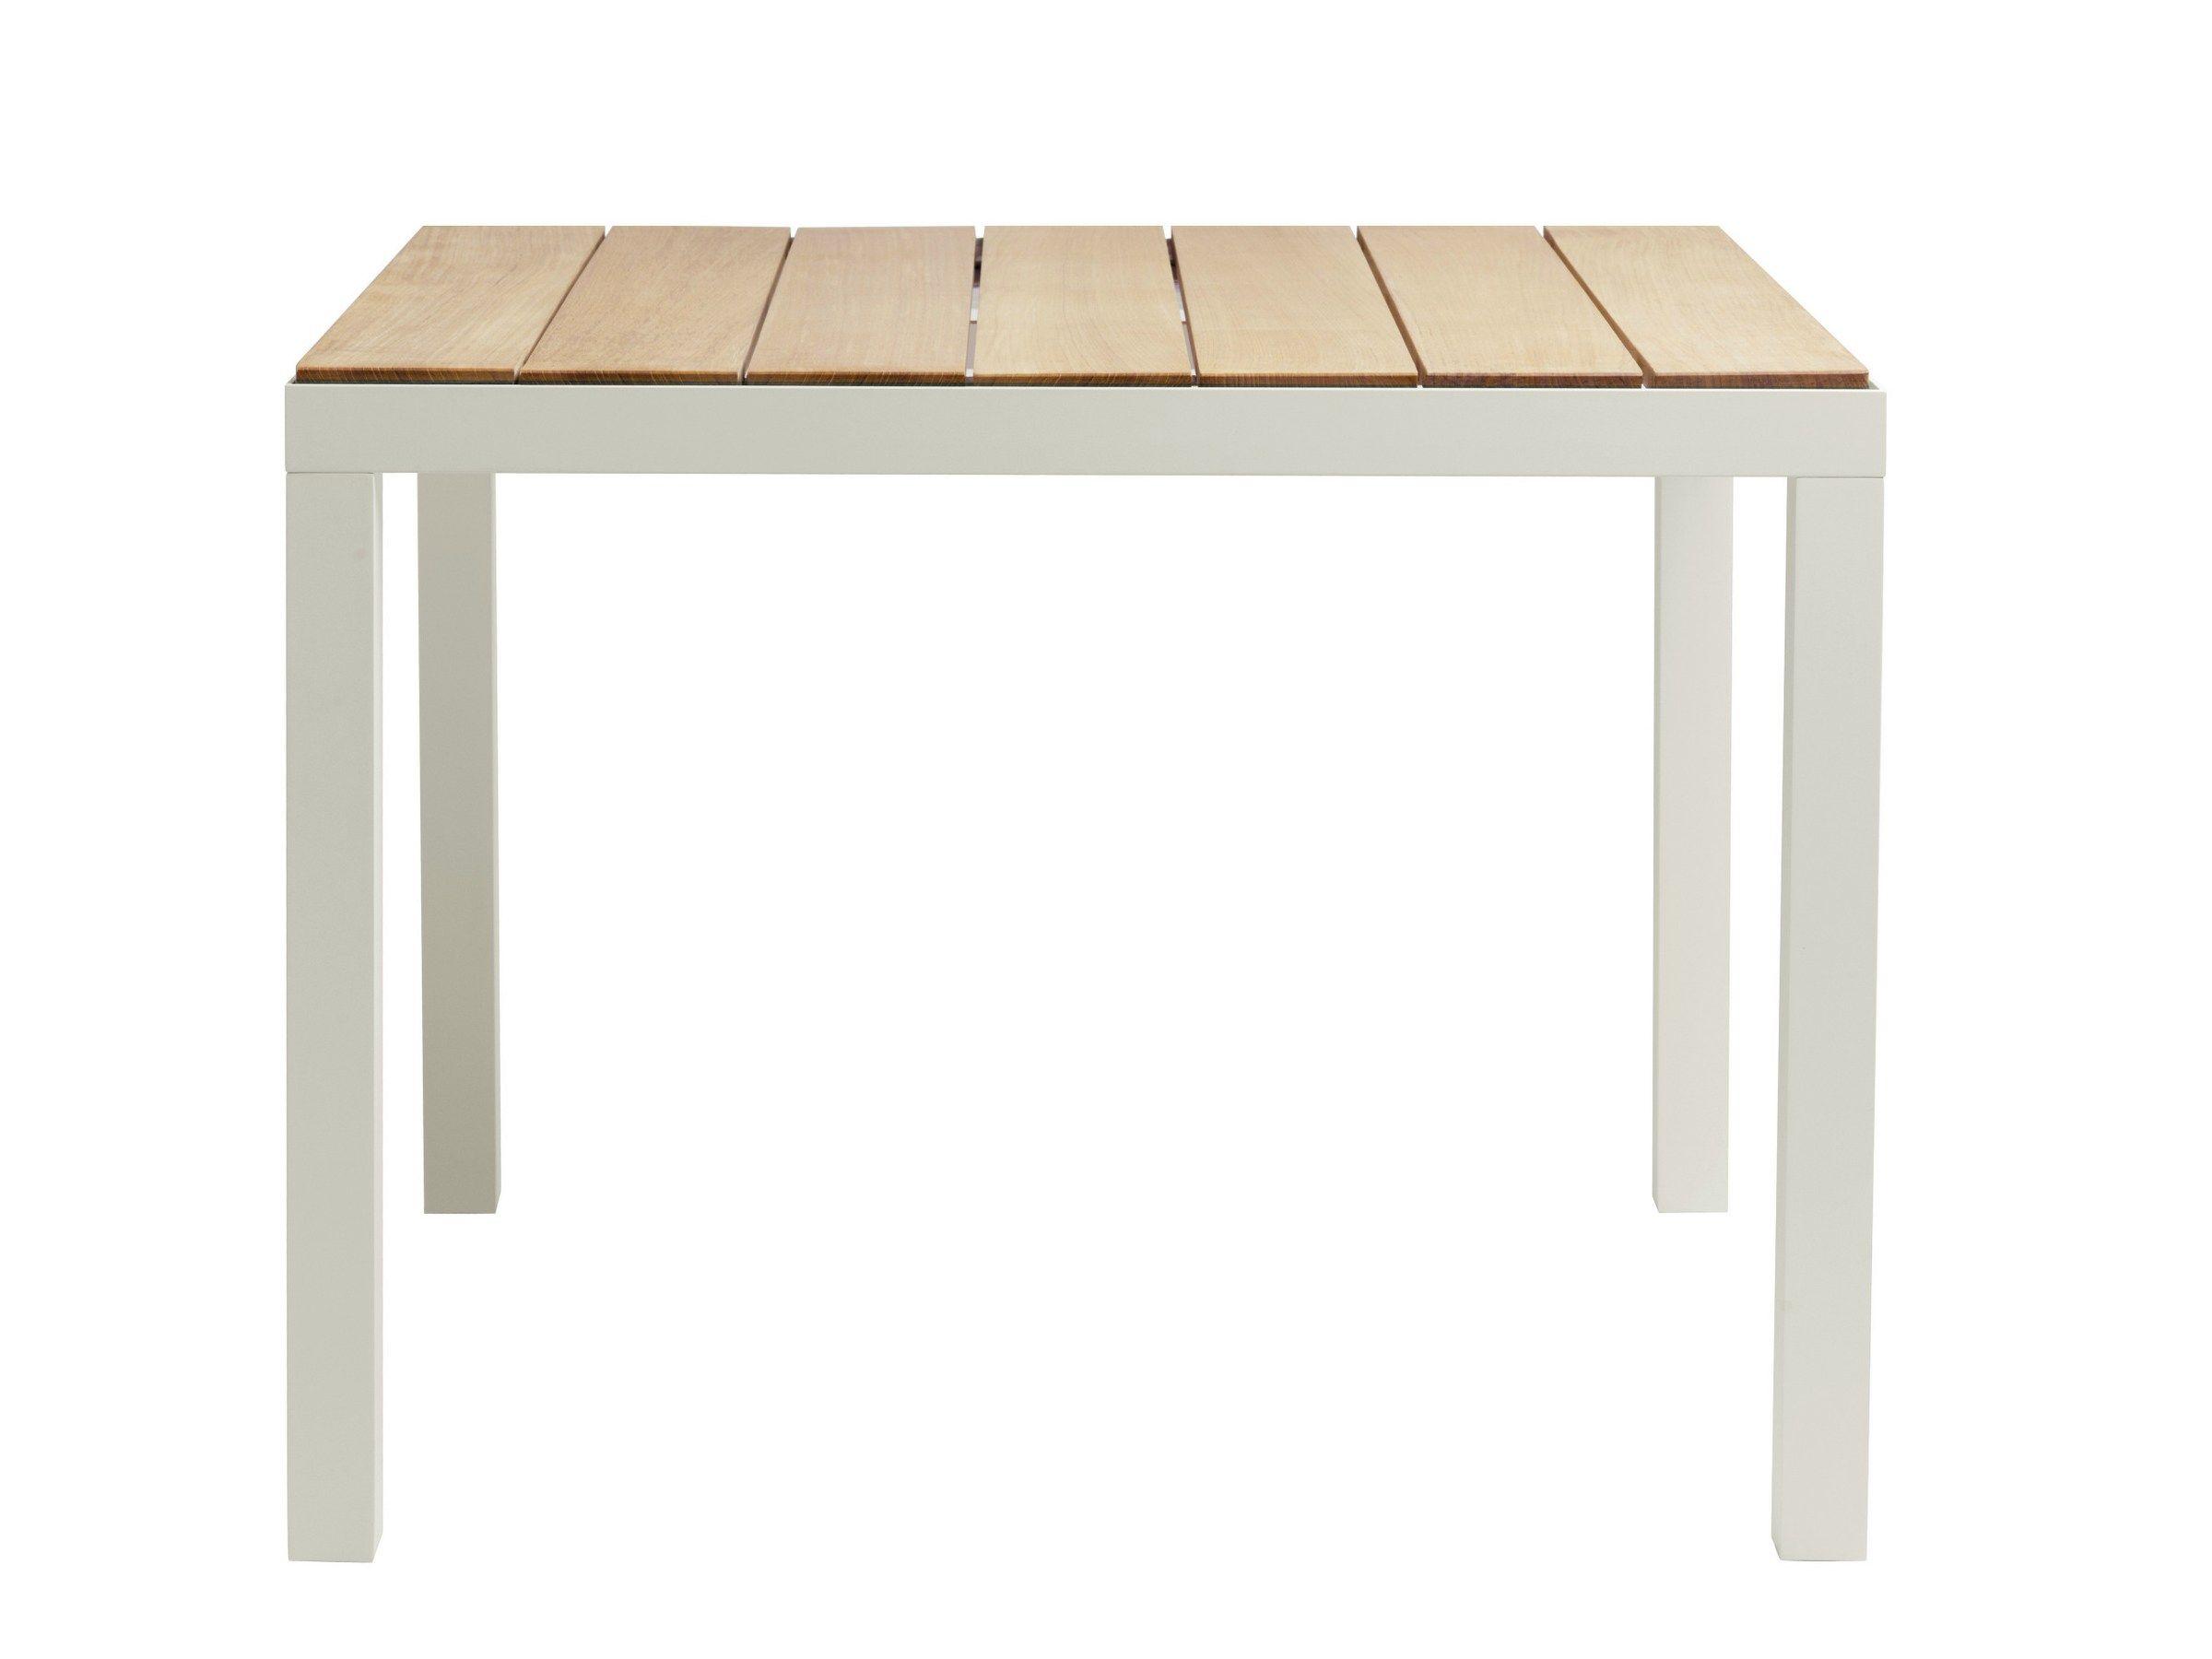 Picass quadratischer tisch by trib design studio segers for Tisch eins design studio